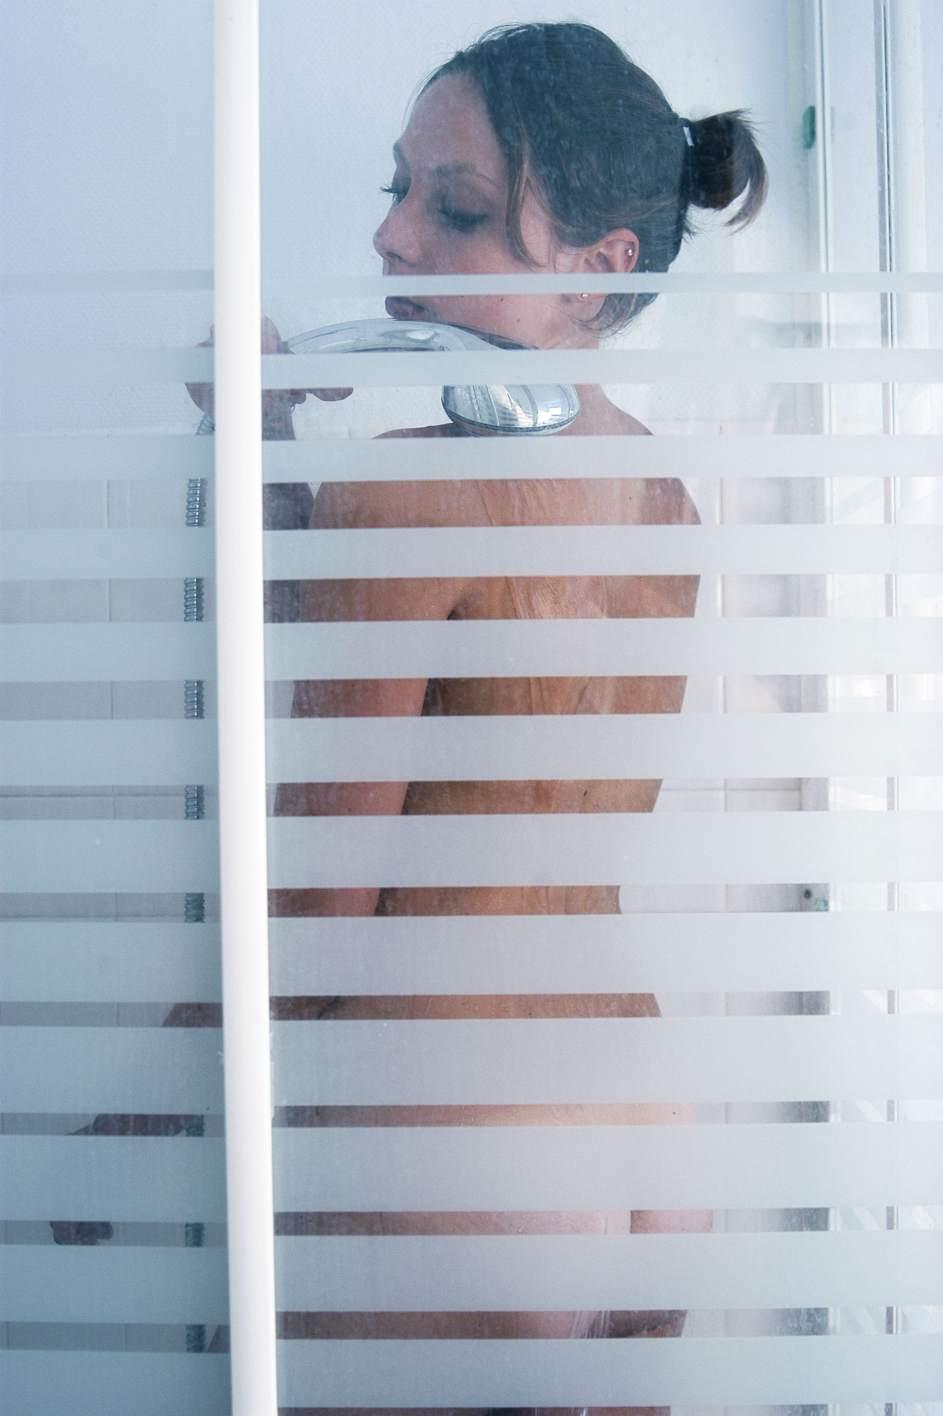 Camara espia en el dormitorio - 2 3